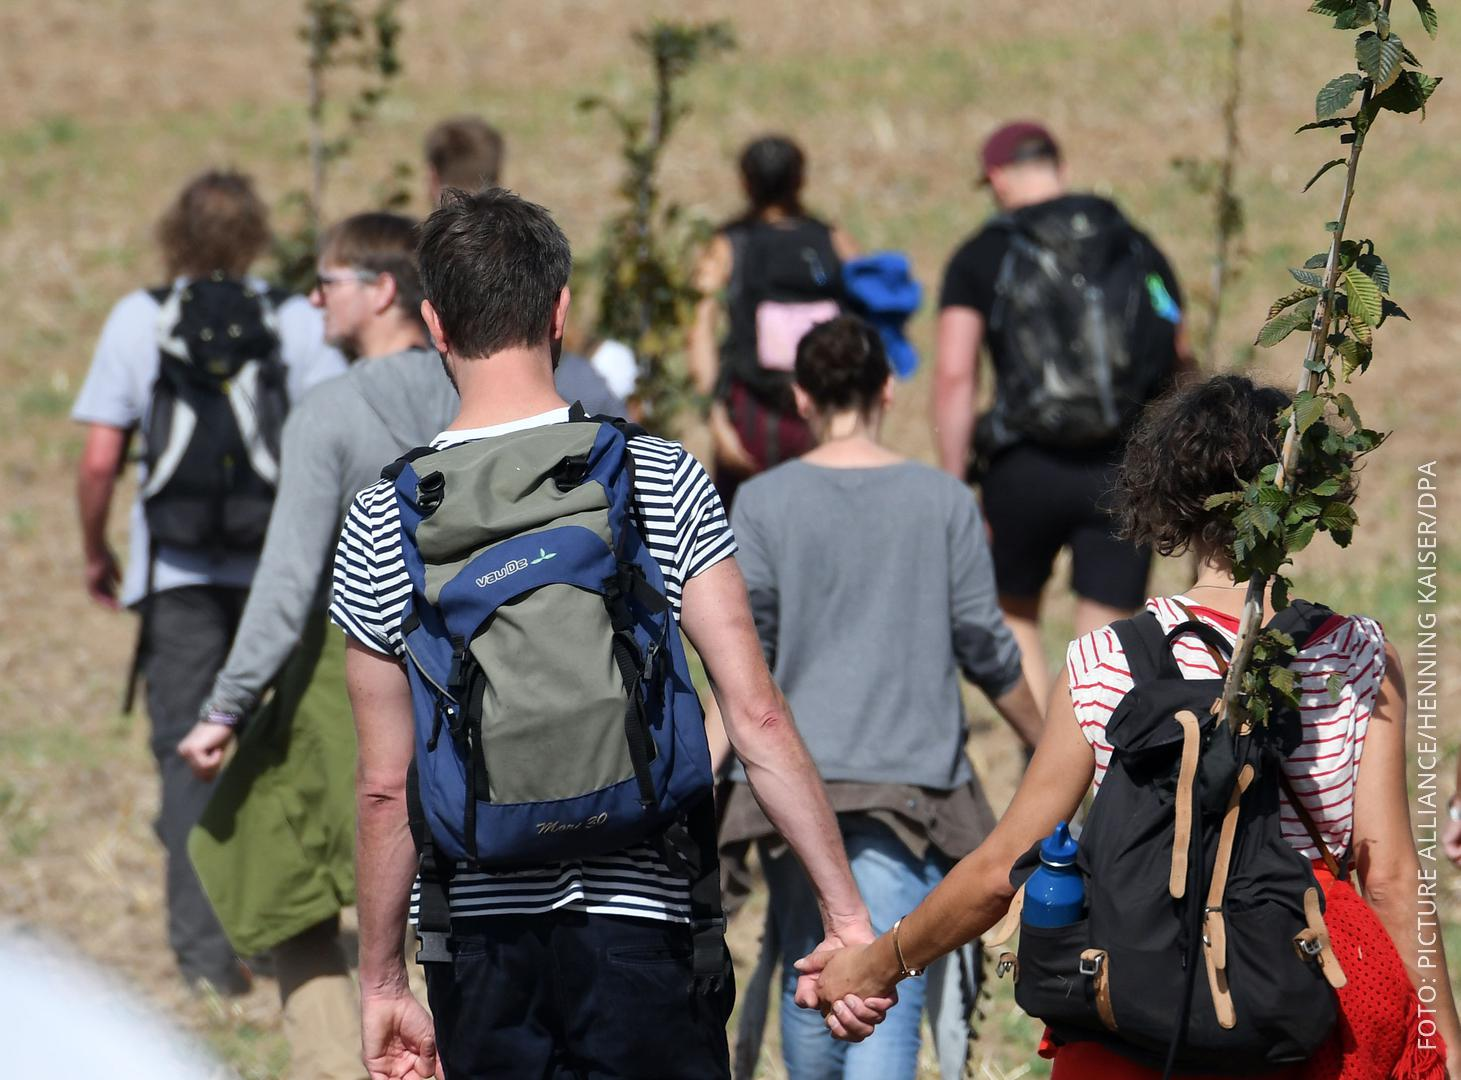 Demonstranten am Hambacher Forst tragen Baumsetzlinge die sie auf dem gerodeten Teil des Forstes anpflanzen wollen.